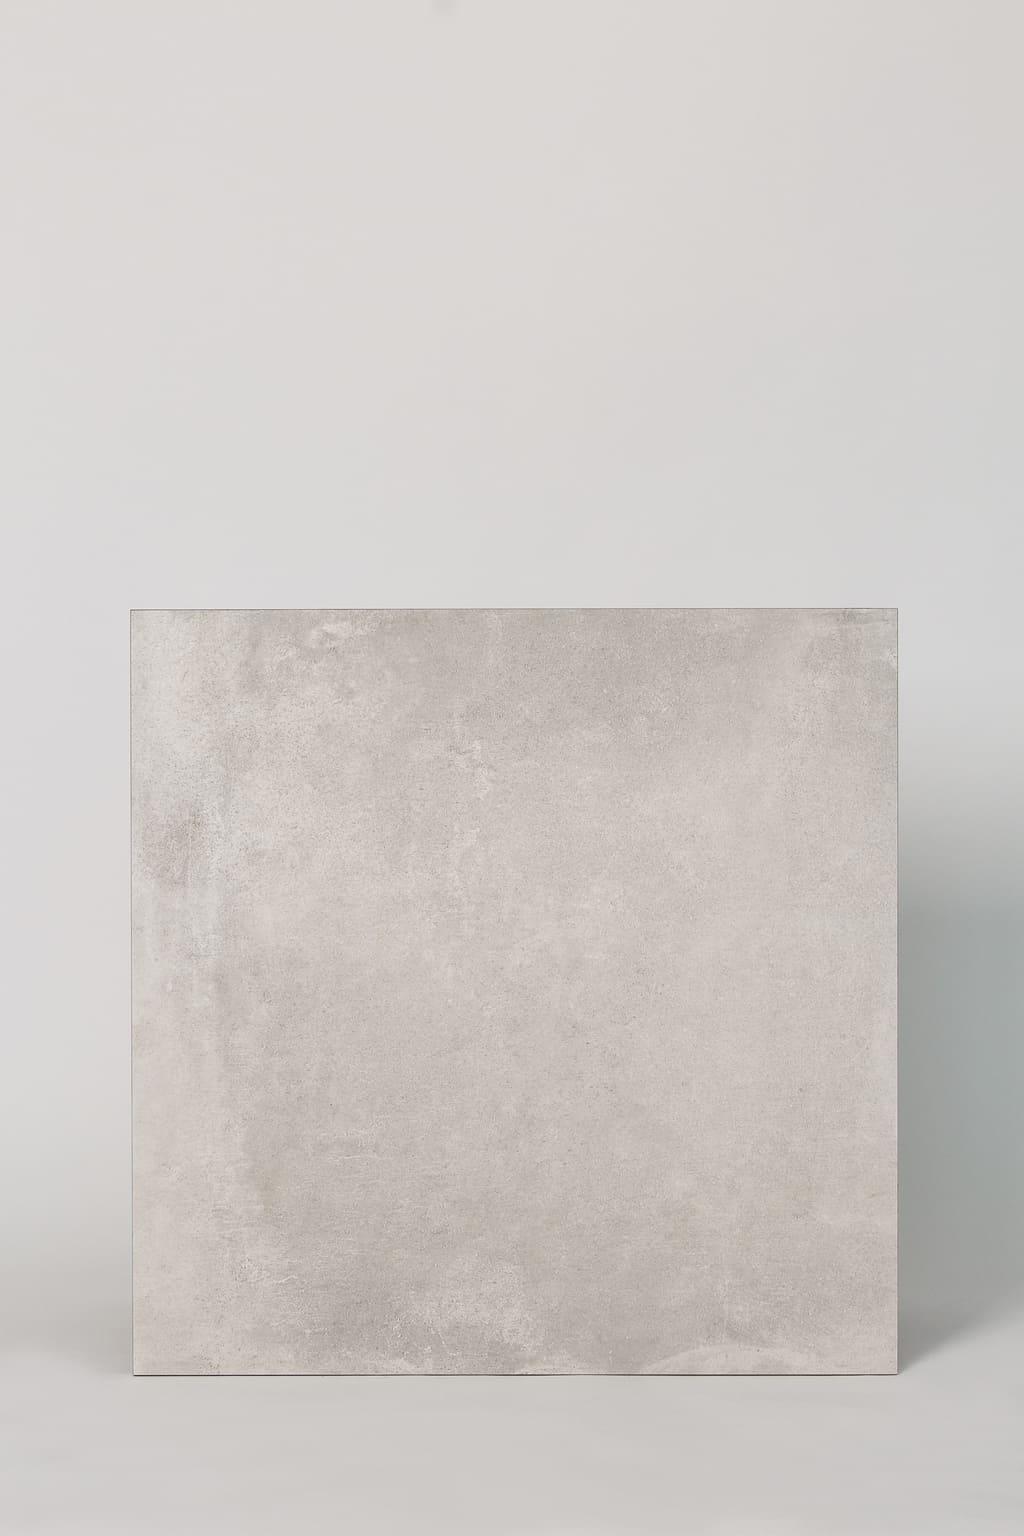 Płytka dekoracyjna włoska, gresowa, rektyfikowana, mrozoodporna, podłoga, ściana, matowa, rozmiar 60x60cm - CERCOM Gravity light